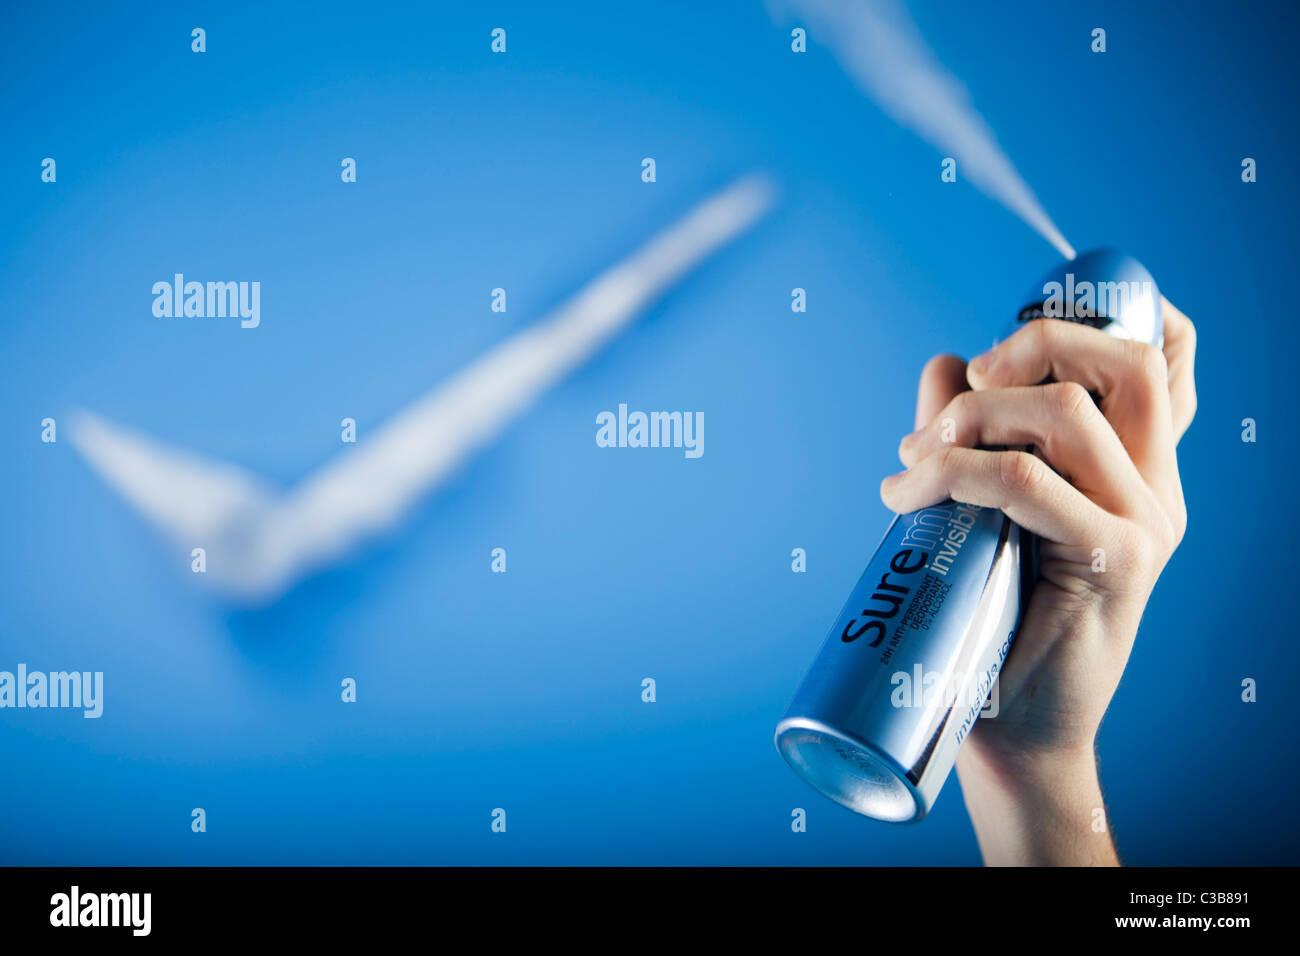 Illustrative image of Sure for Men Invisible deodorant. A Unilever brand. - Stock Image